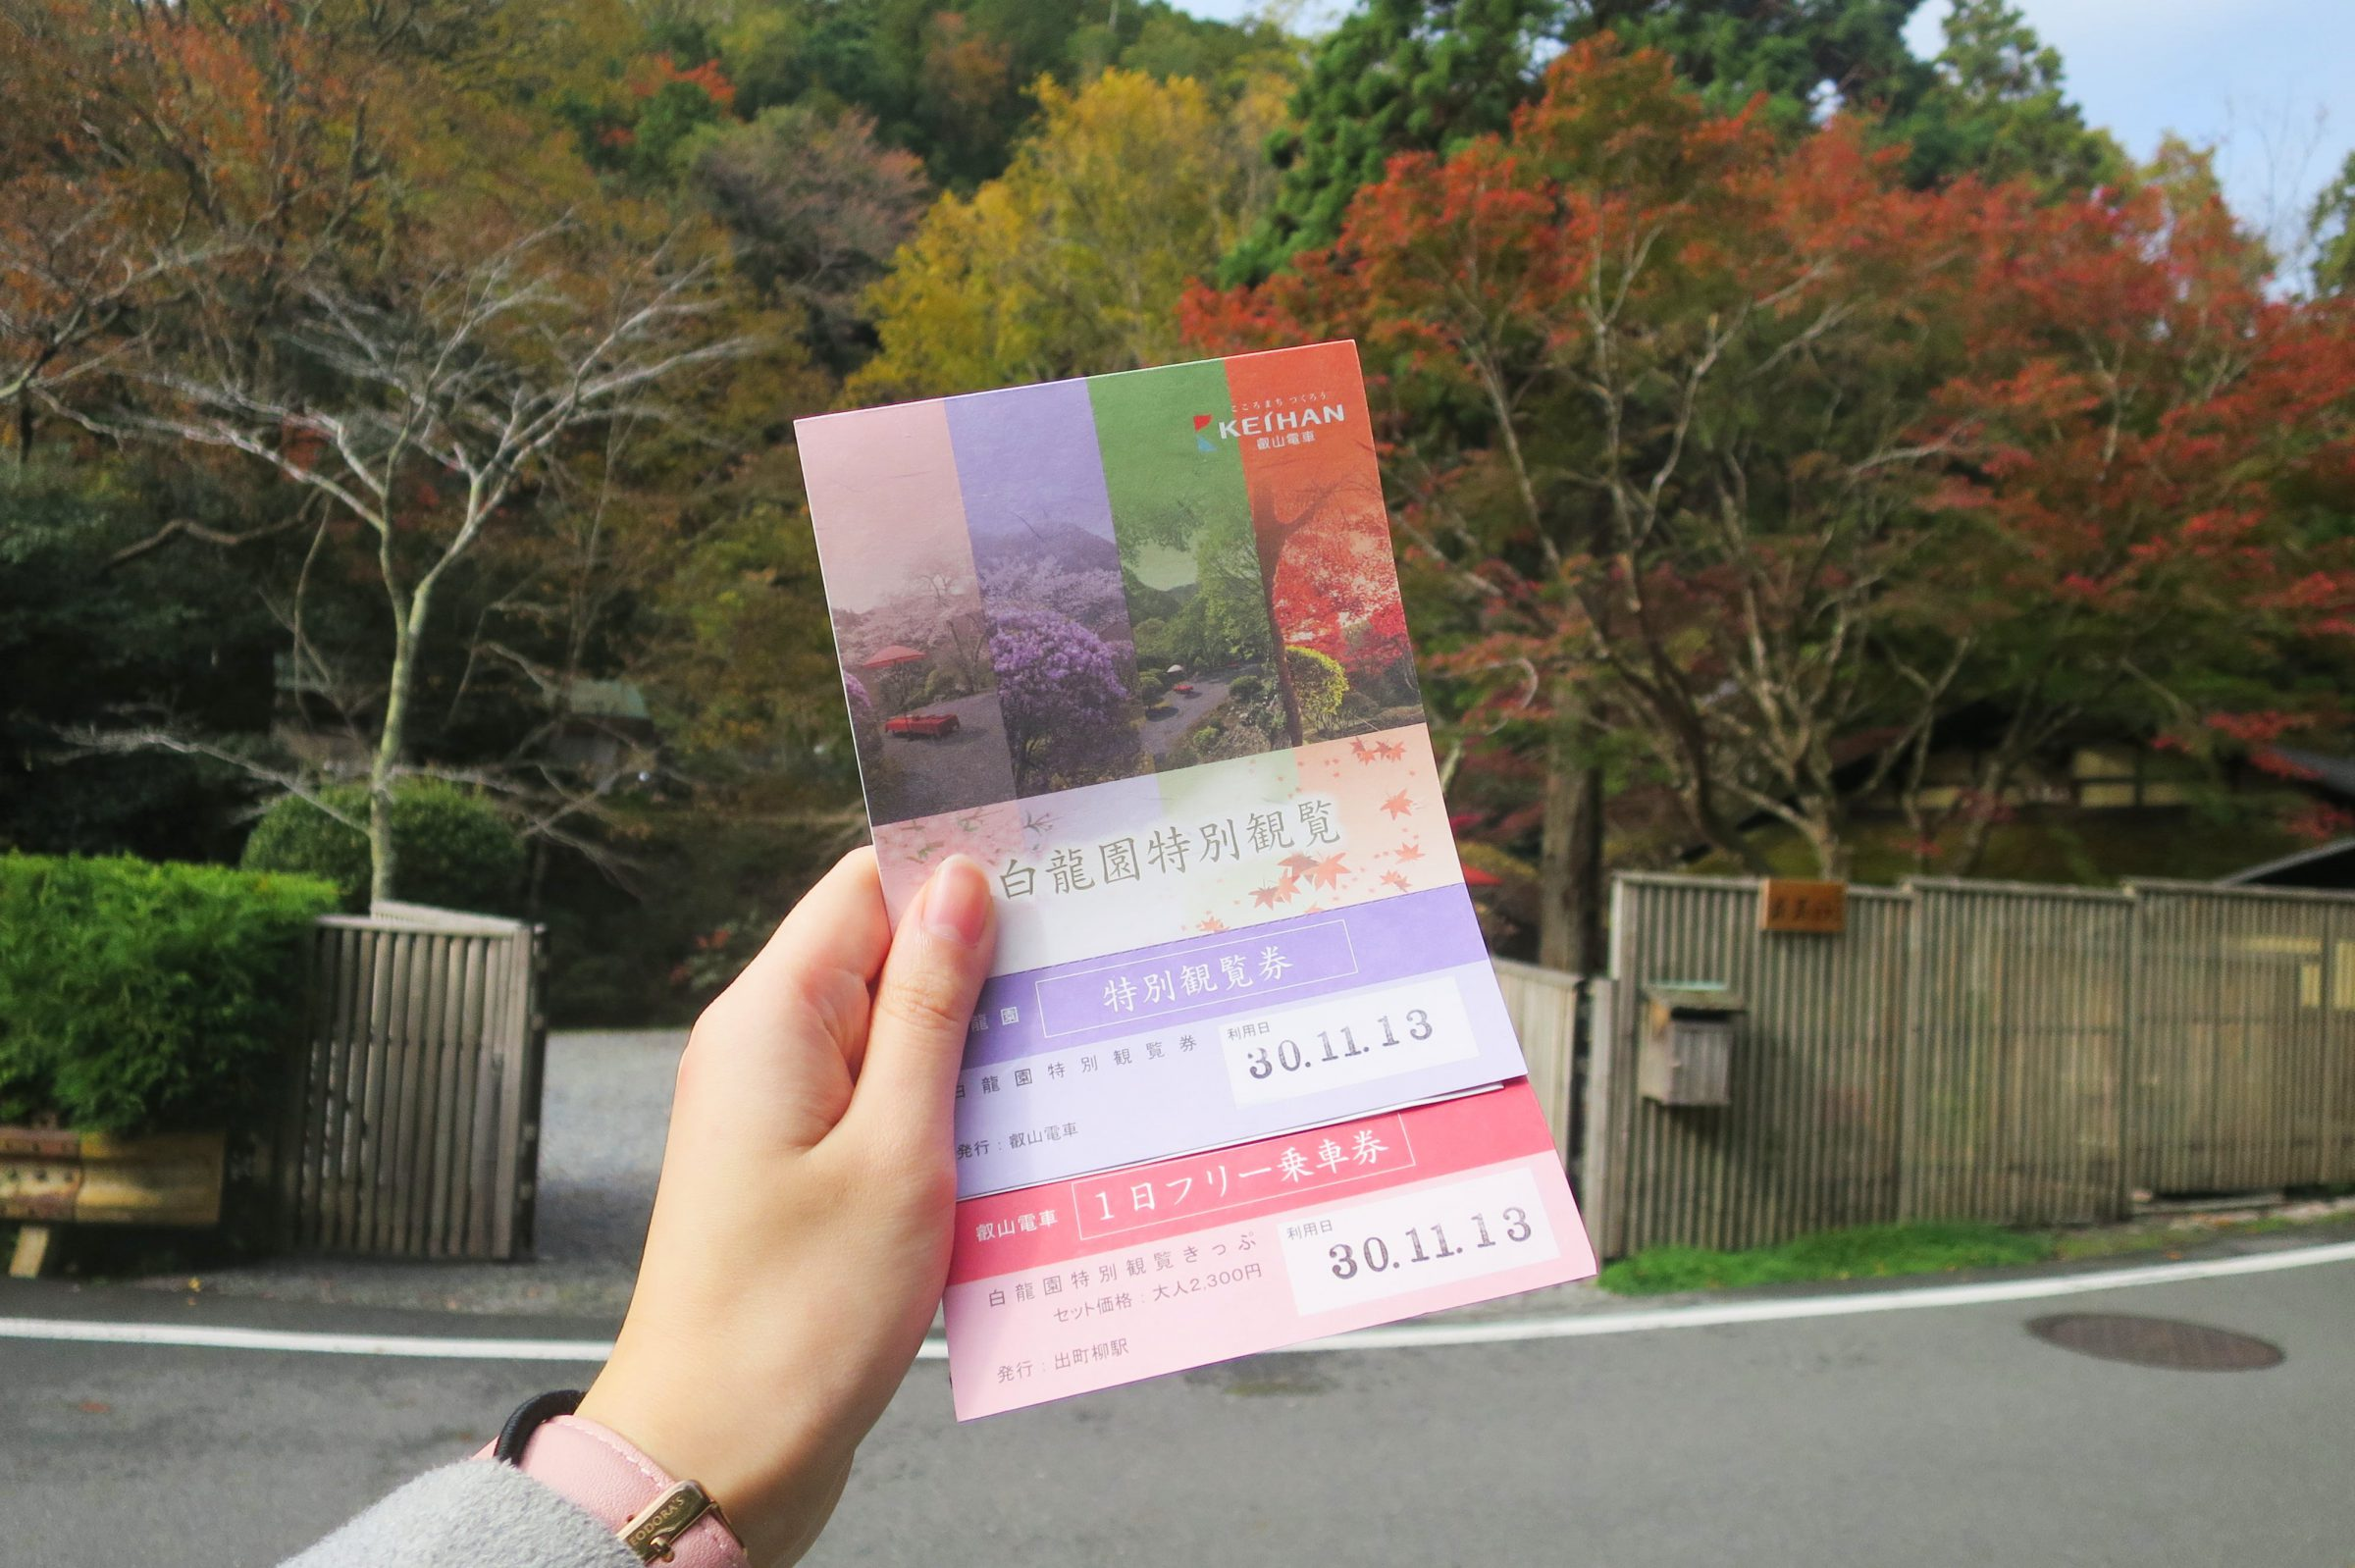 每天僅開放100人!京都叡山電鐵鞍馬・二ノ瀬賞楓秘境「白龍園」